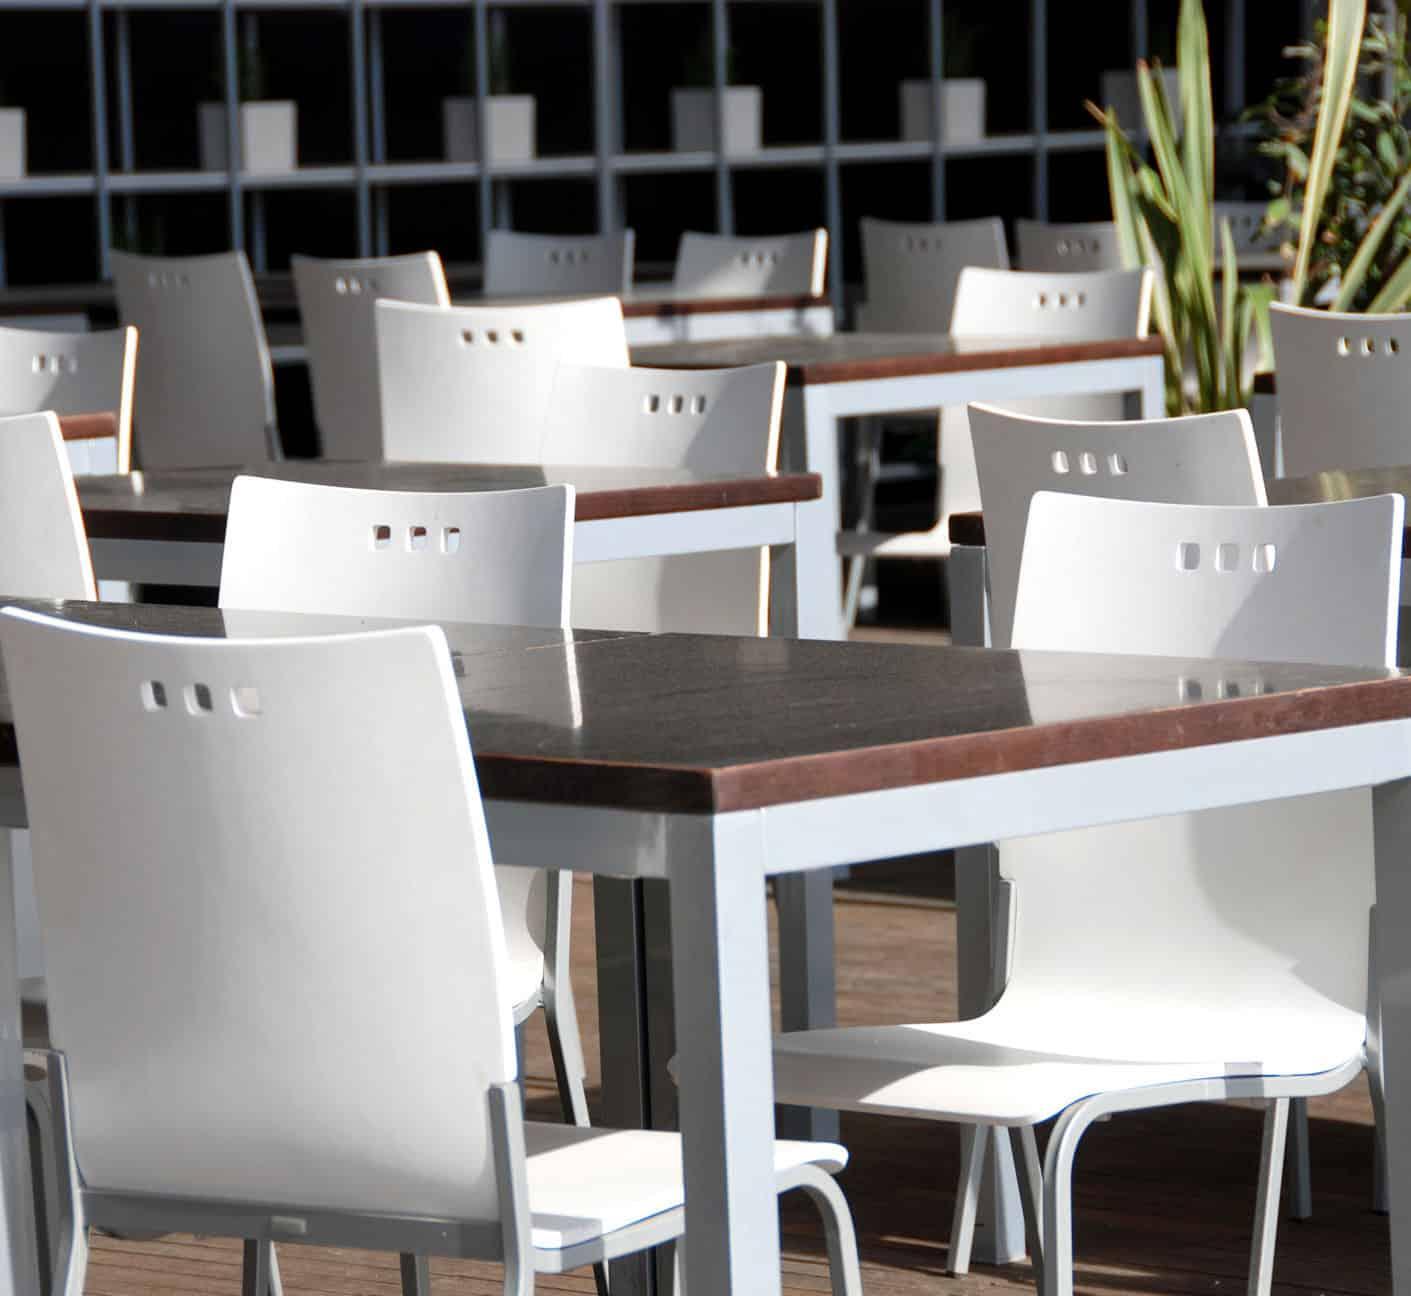 Noleggio sedie e tavoli